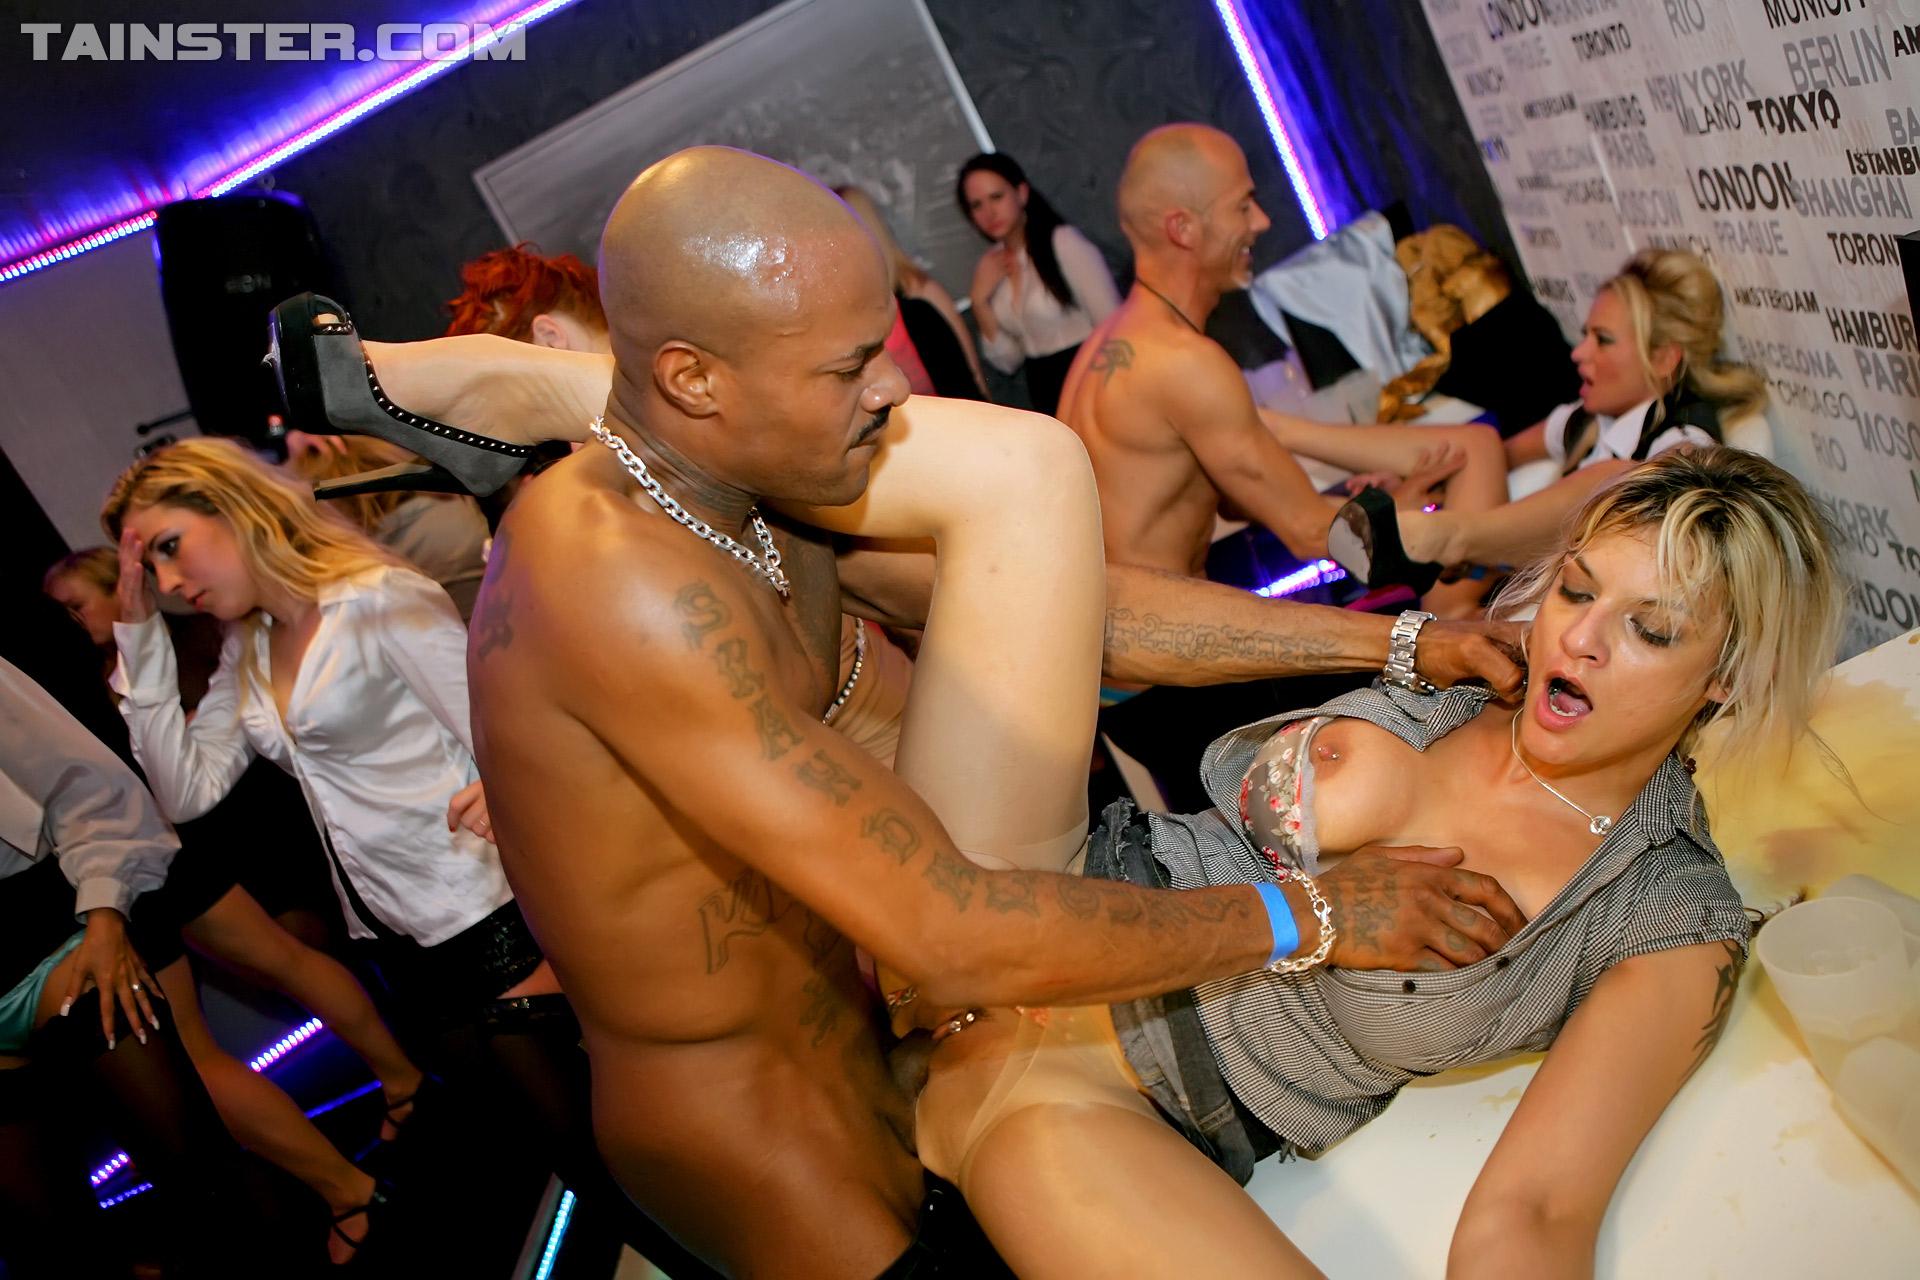 sex party public Mature